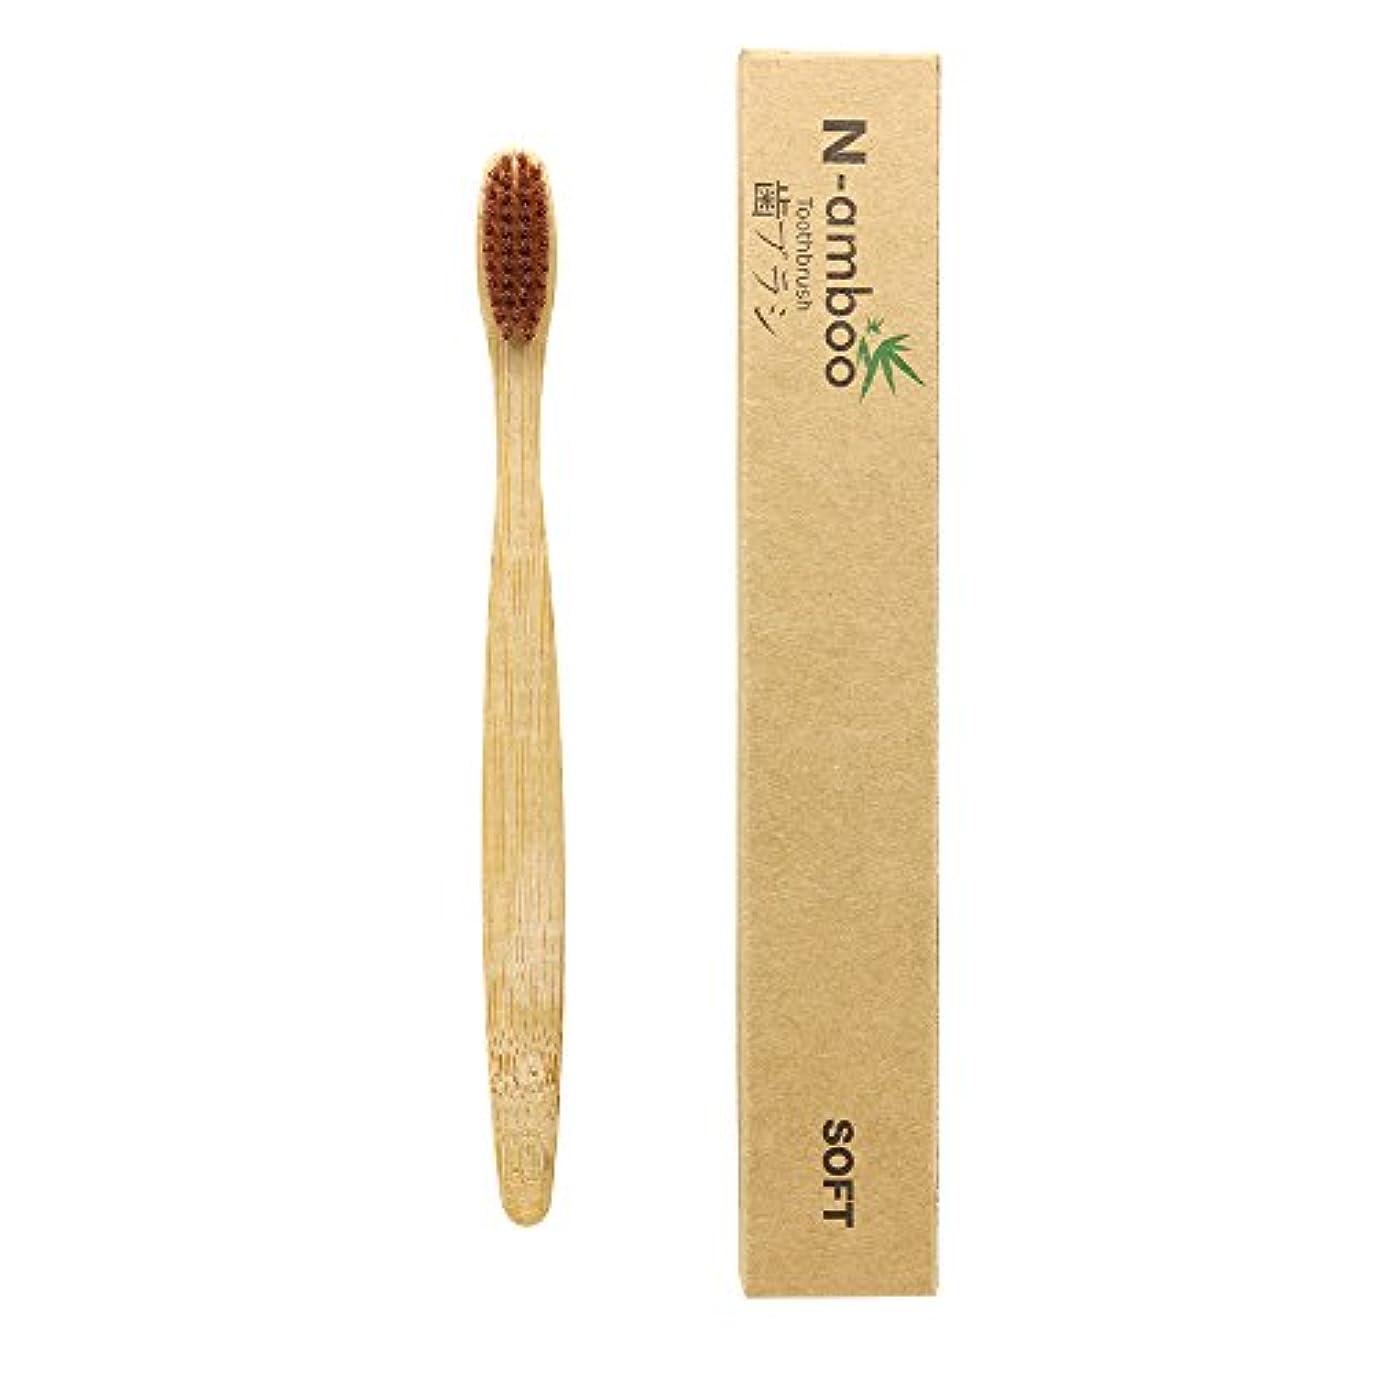 後世ランダム読みやすさN-amboo 竹製耐久度高い 歯ブラシ 茶褐色 1本入り